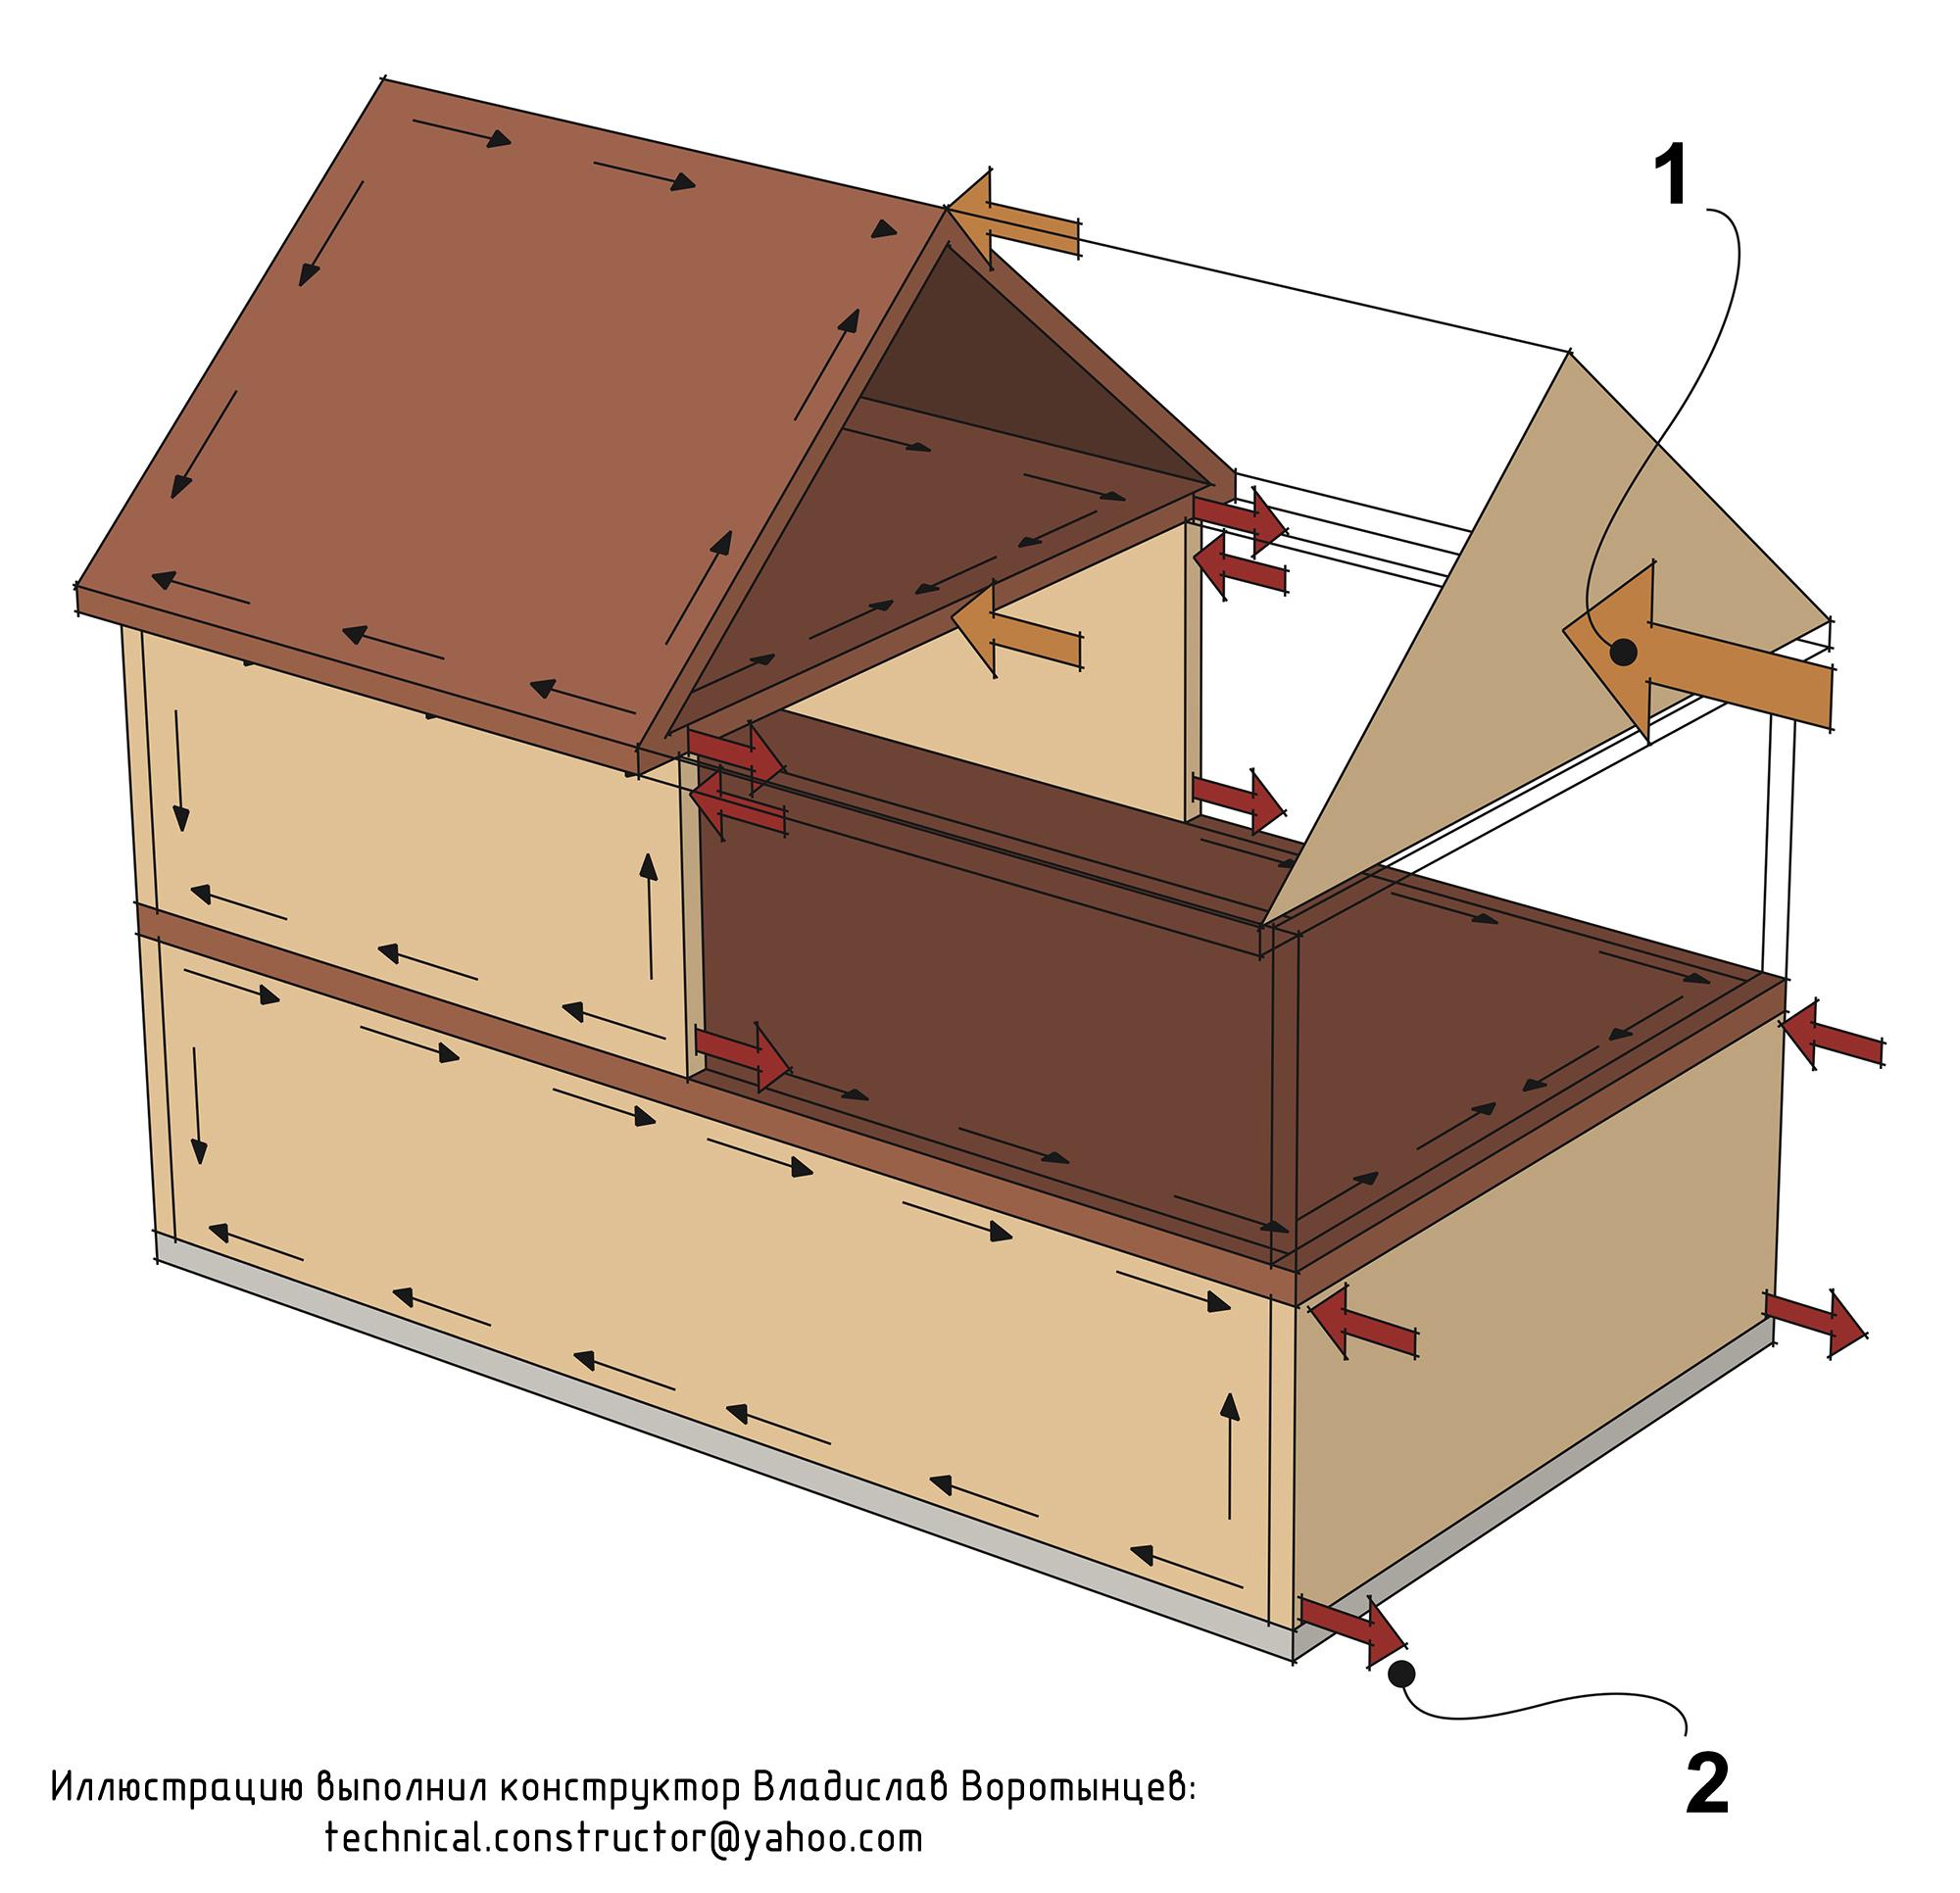 Рис. 9.31 Перераспределение горизонтальной ветровой нагрузки на фундамент с помощью жёсткой обшивки ограждающих конструкций. Анкеровка стен деревянного каркасного дома по скандинавской технологии